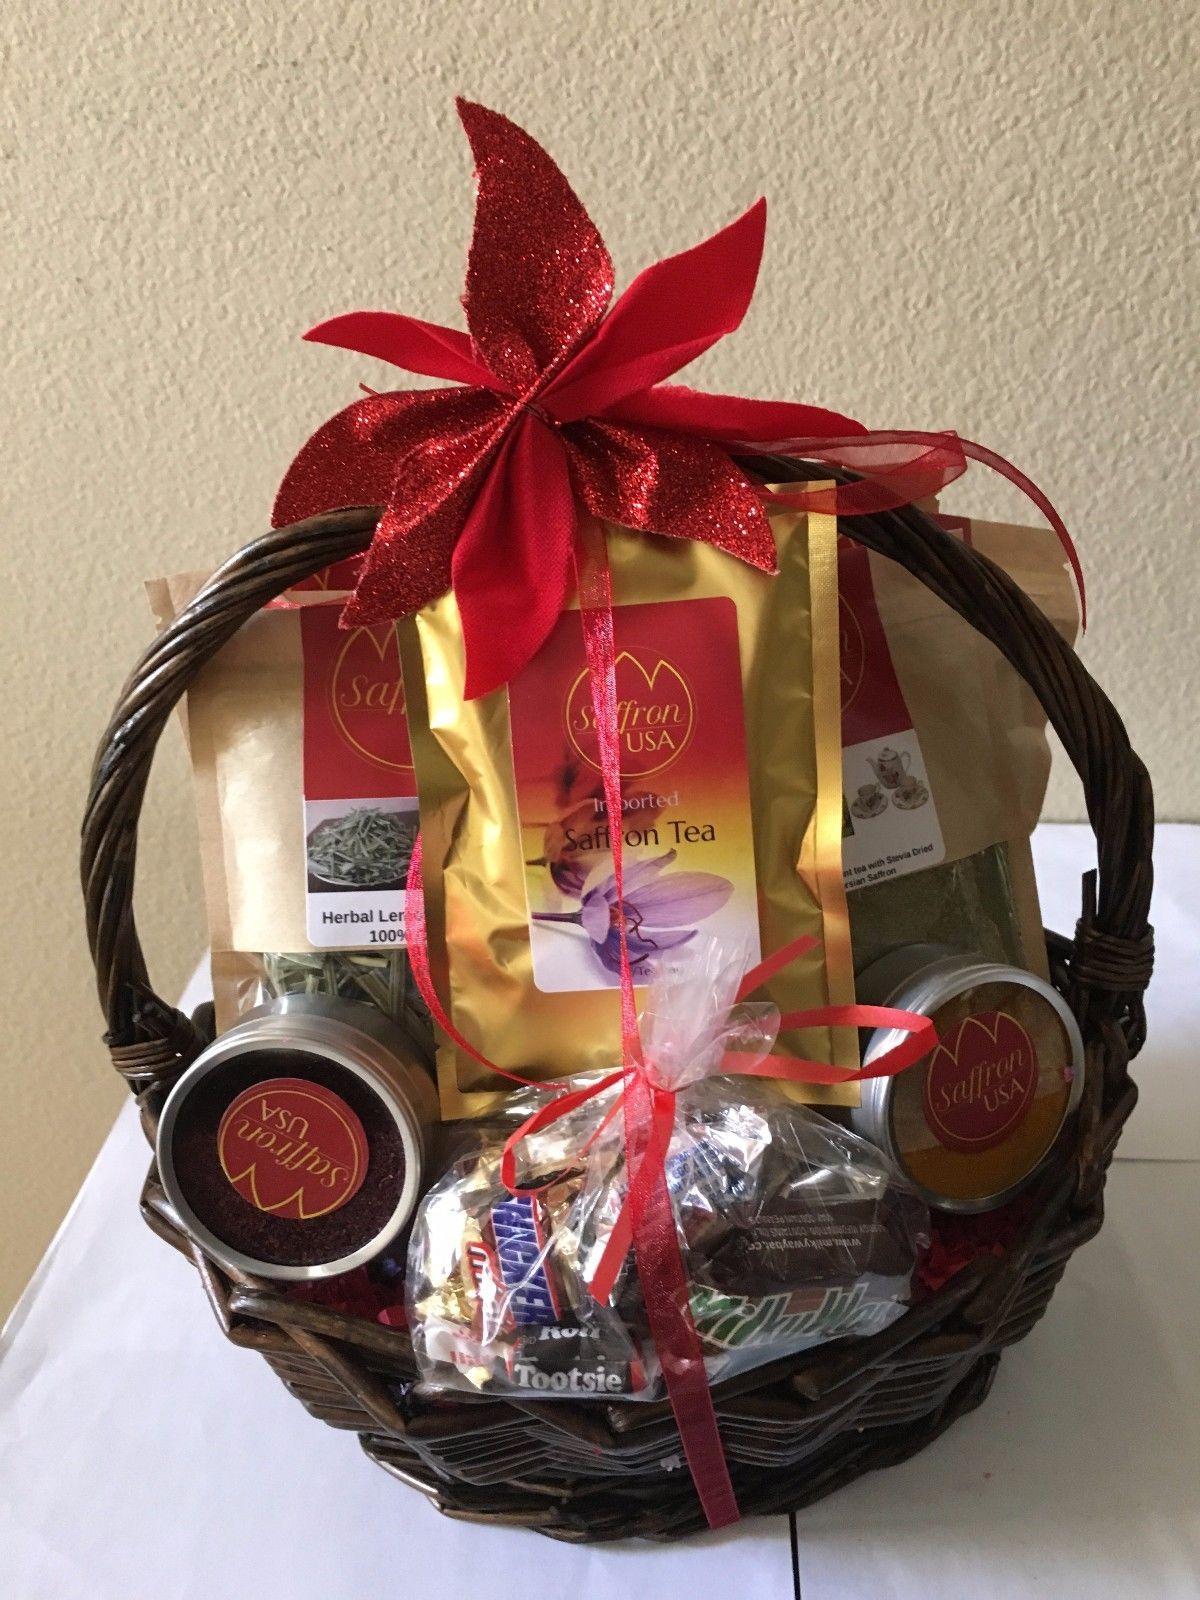 Tea Gift Baskets | Shop Tea Gift